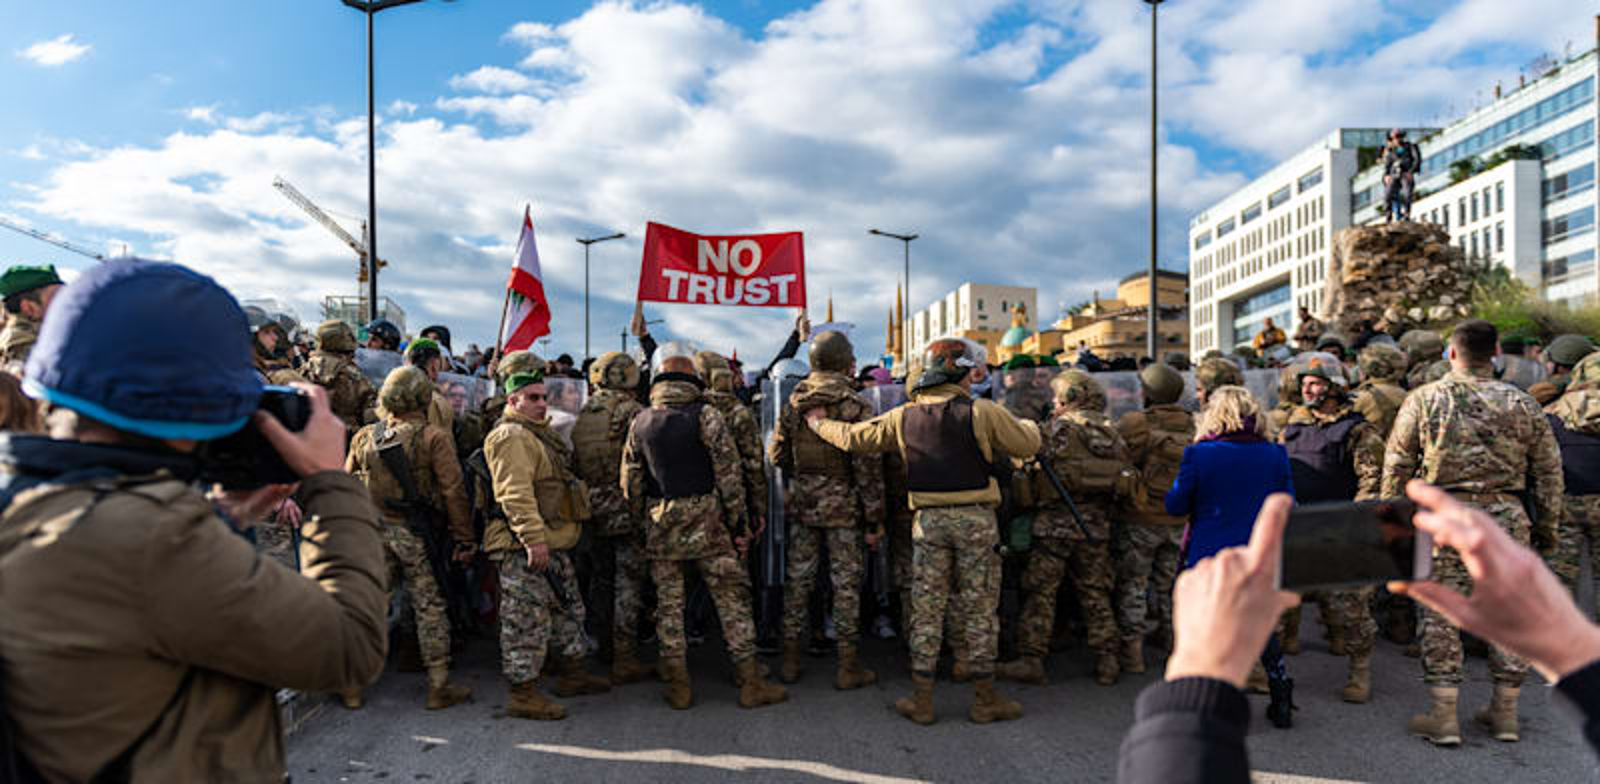 מחאה נגד הממשל בלבנון / צילום: Shutterstock